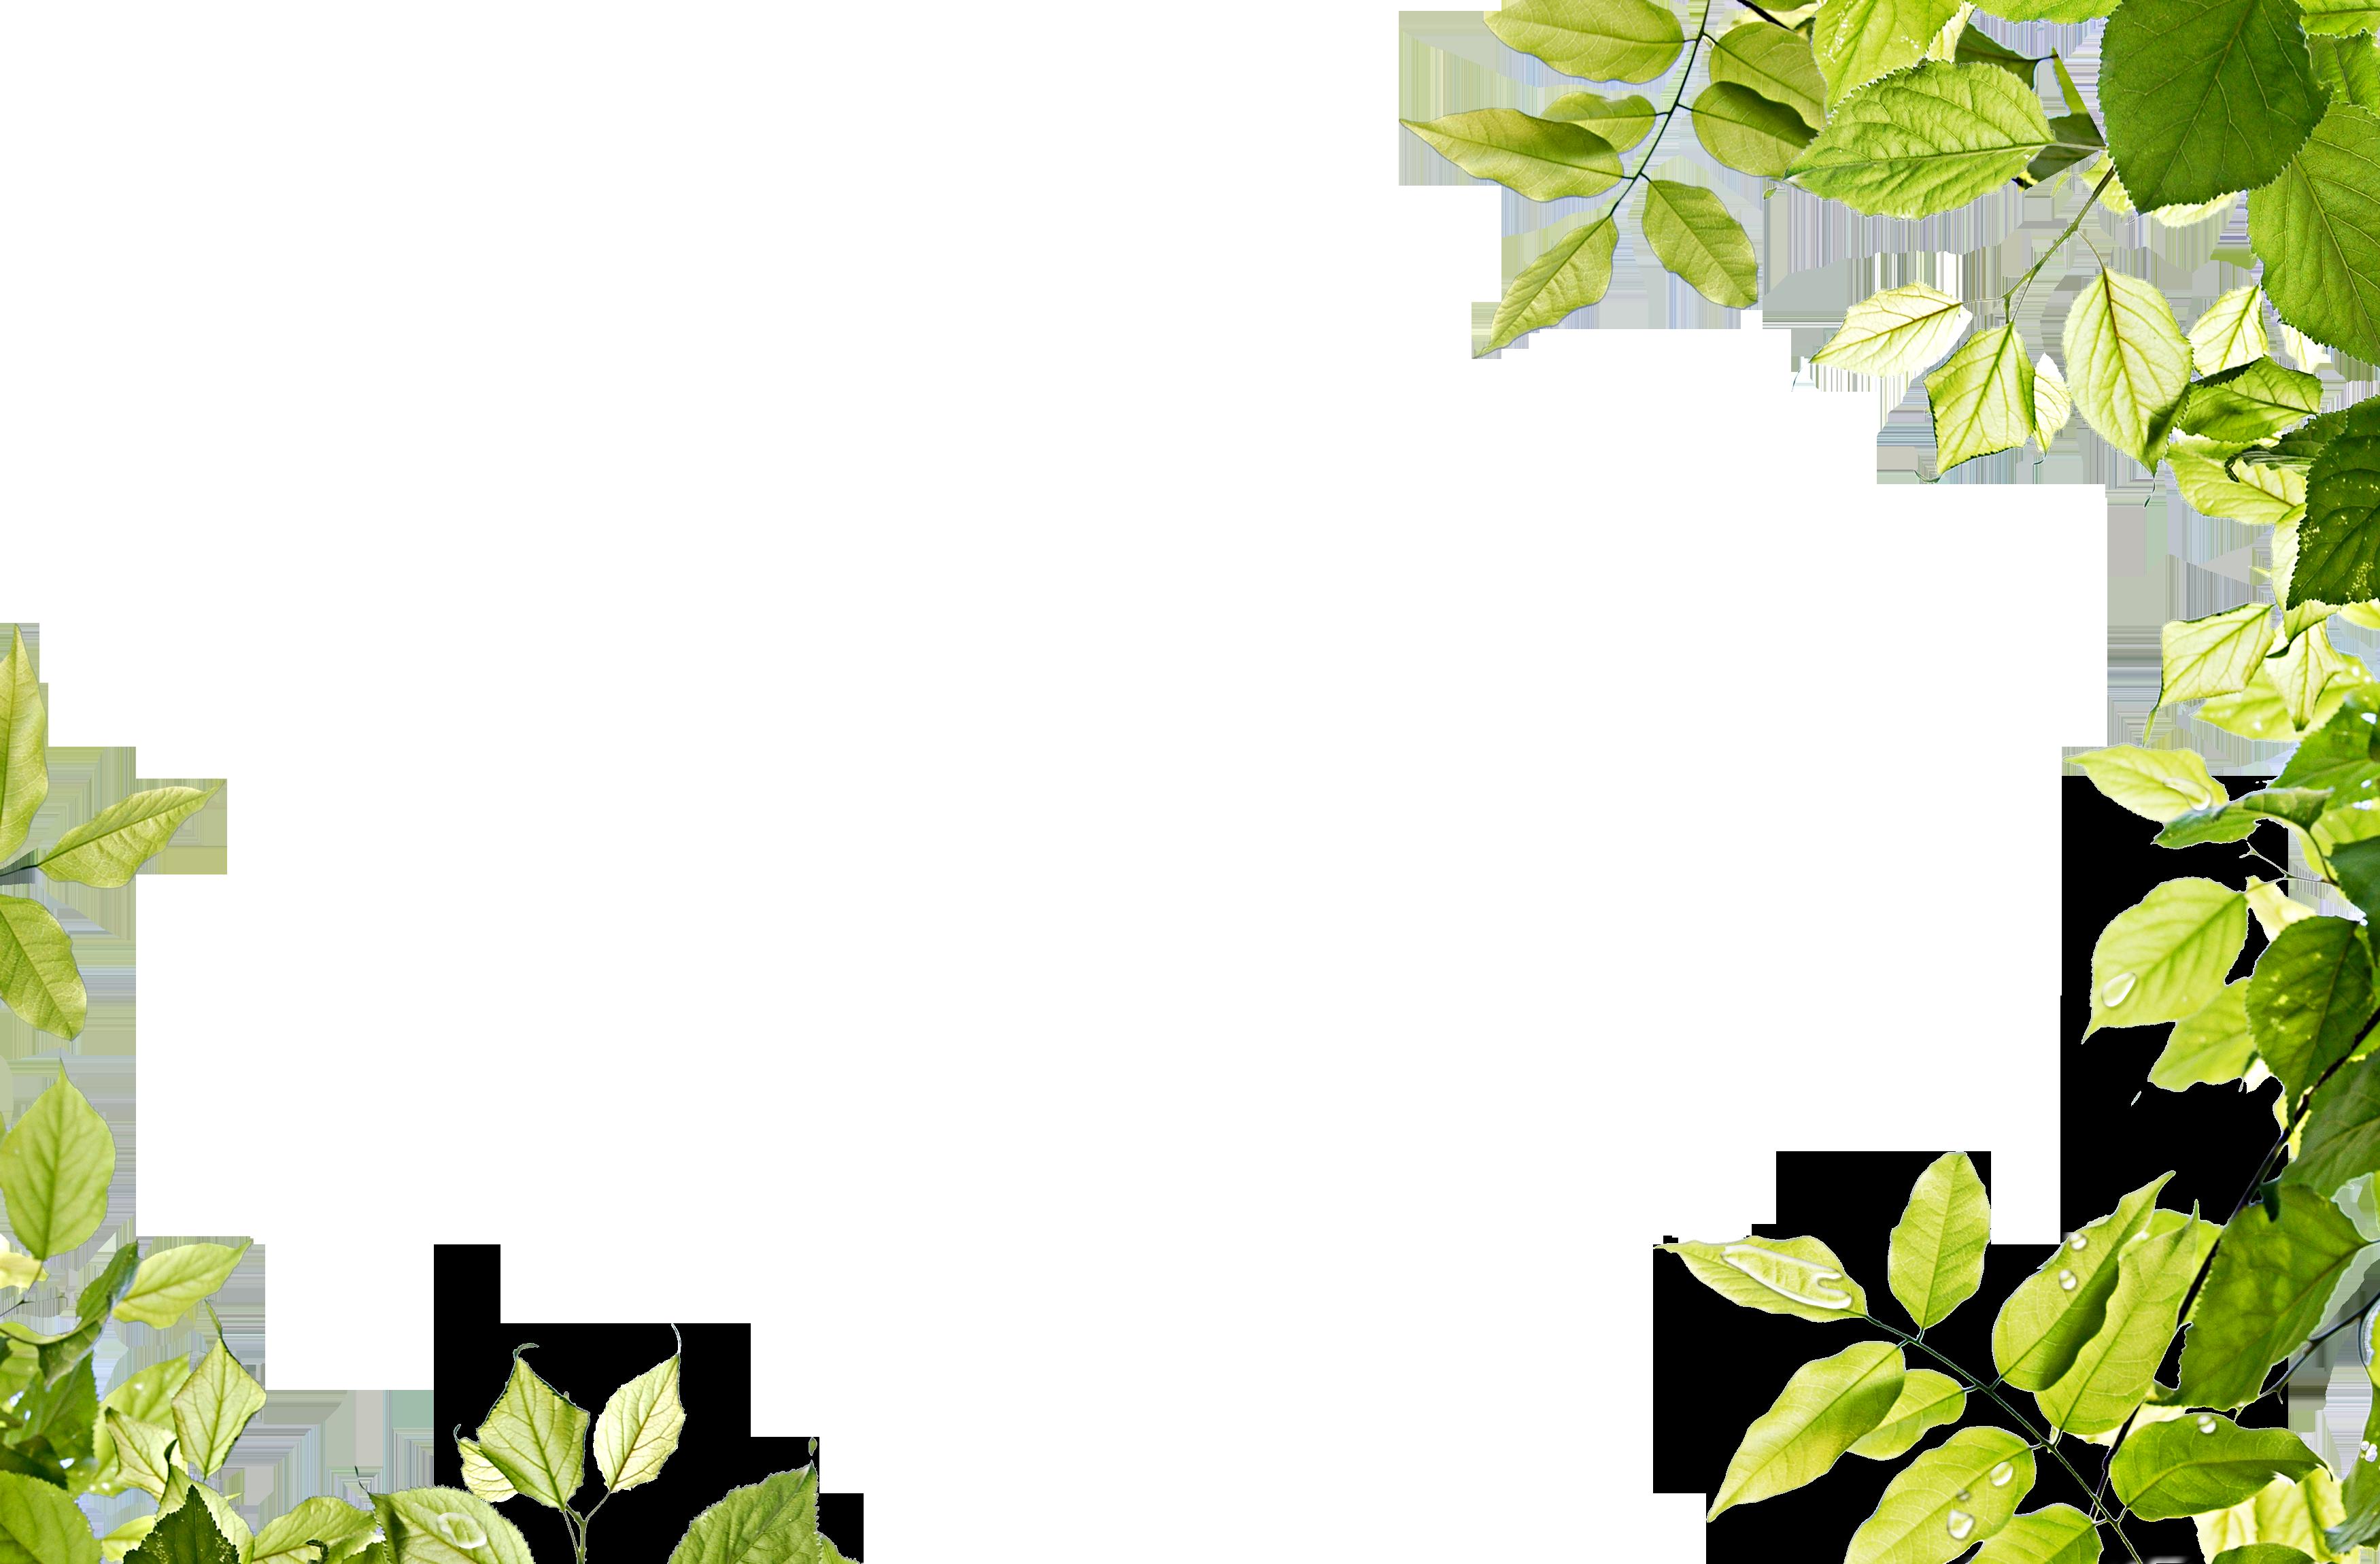 Green Leaves Frame Png Image image #44867